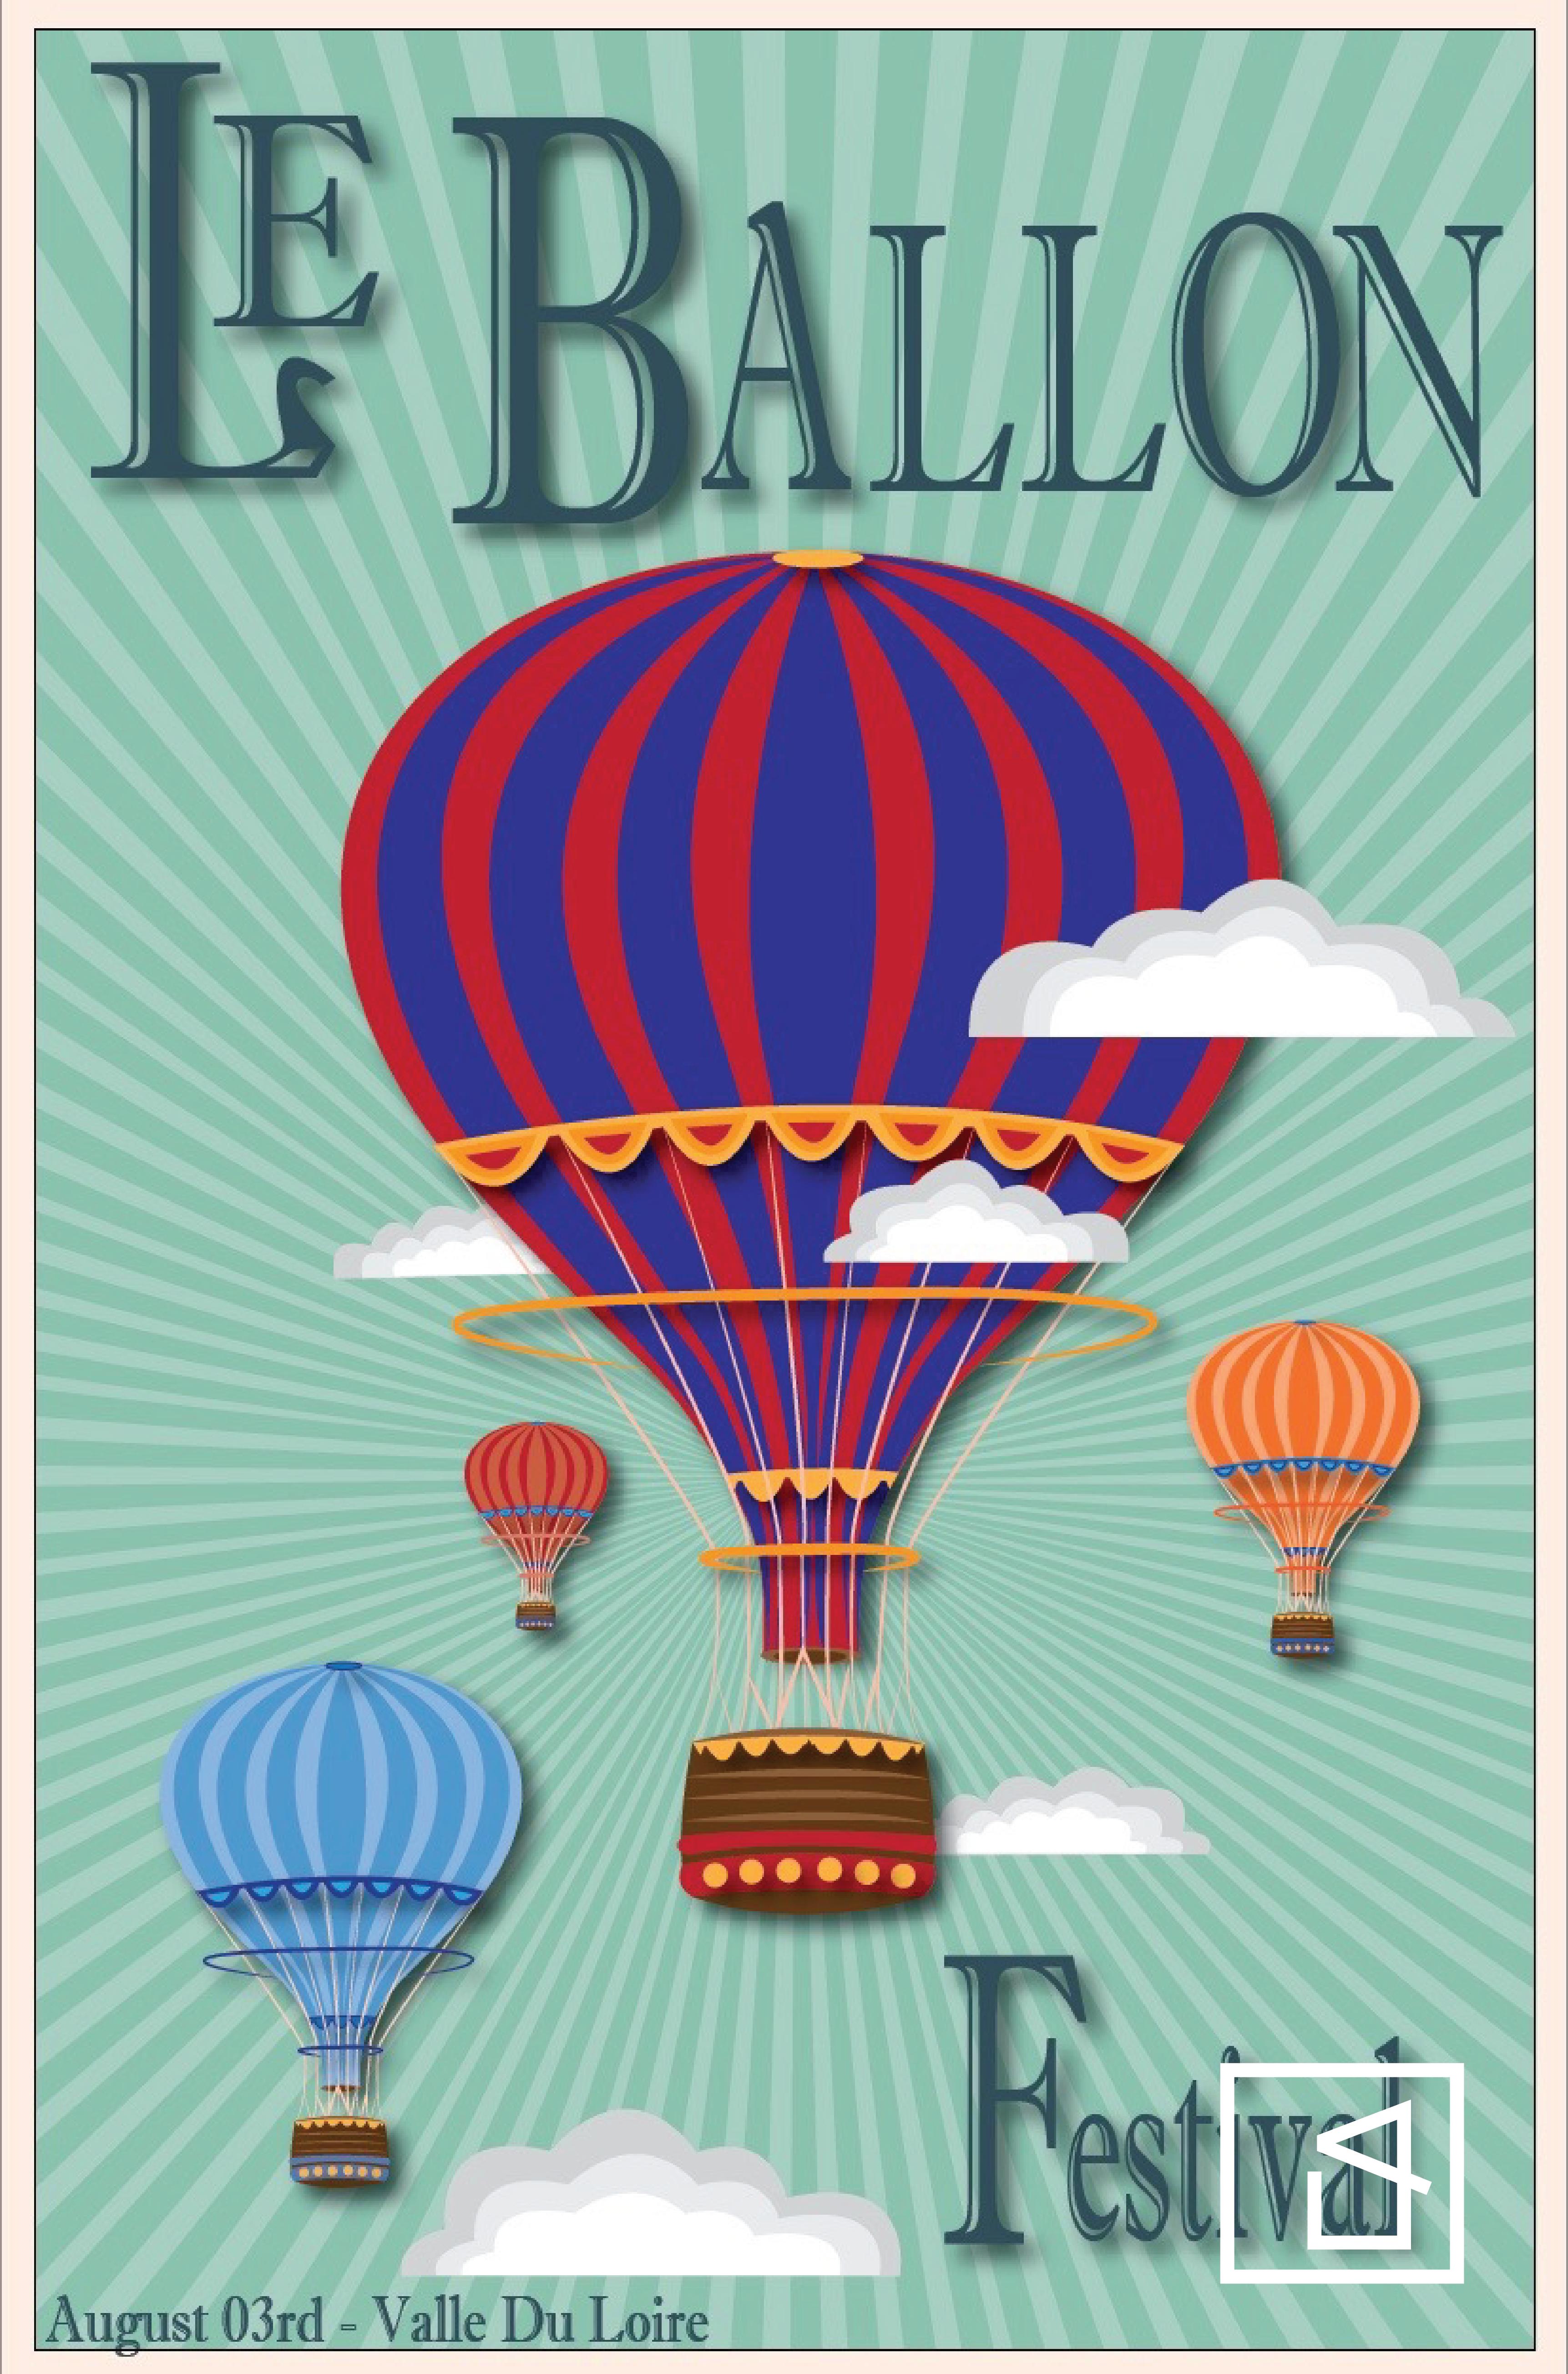 Mock Ballon Festival Poster Design